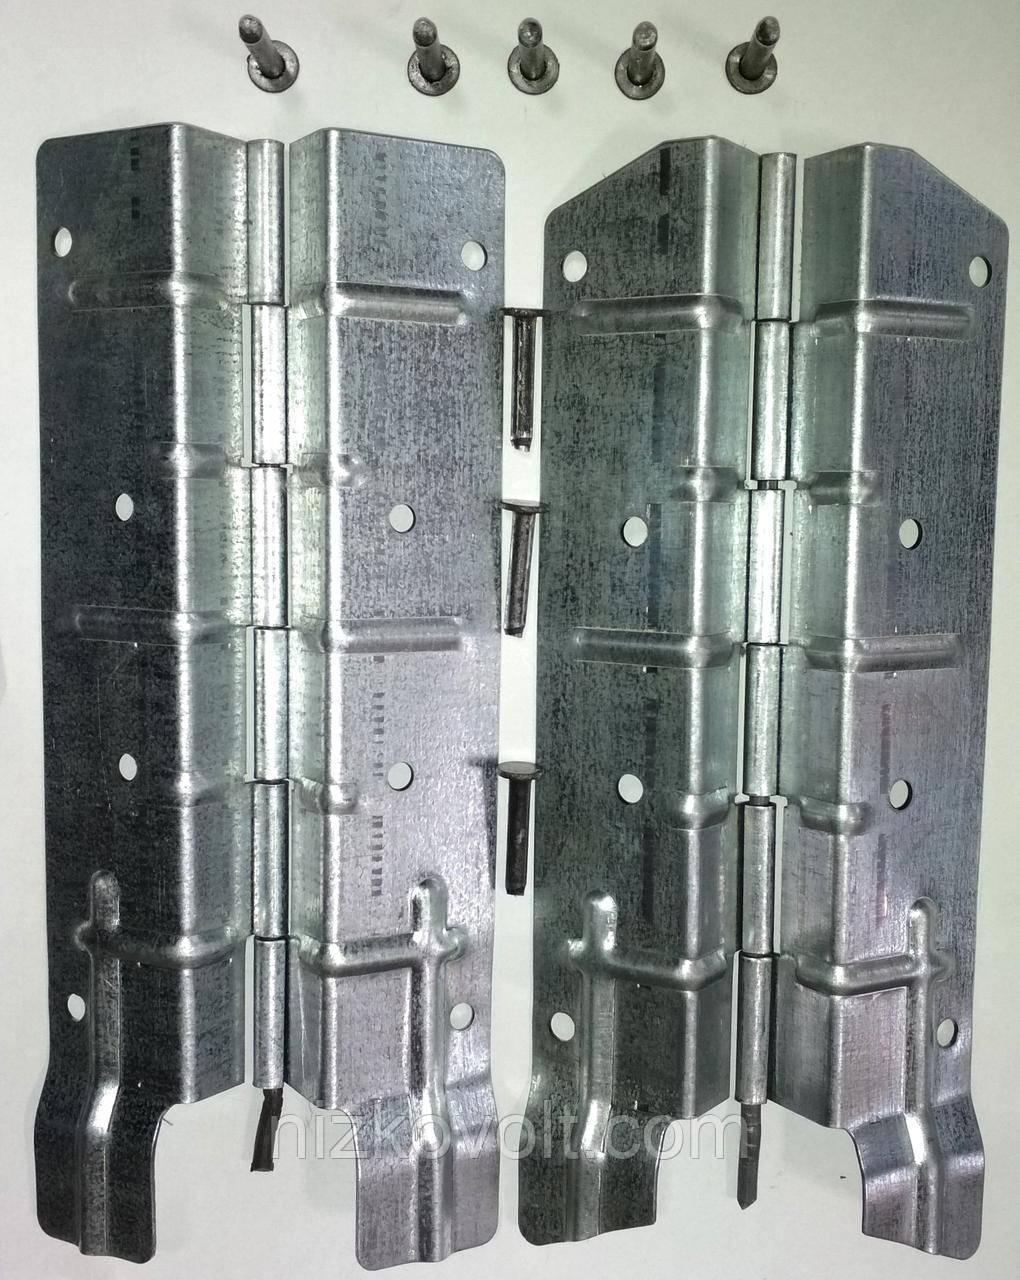 Шарниры для паллетных бортов (паллетные петли)